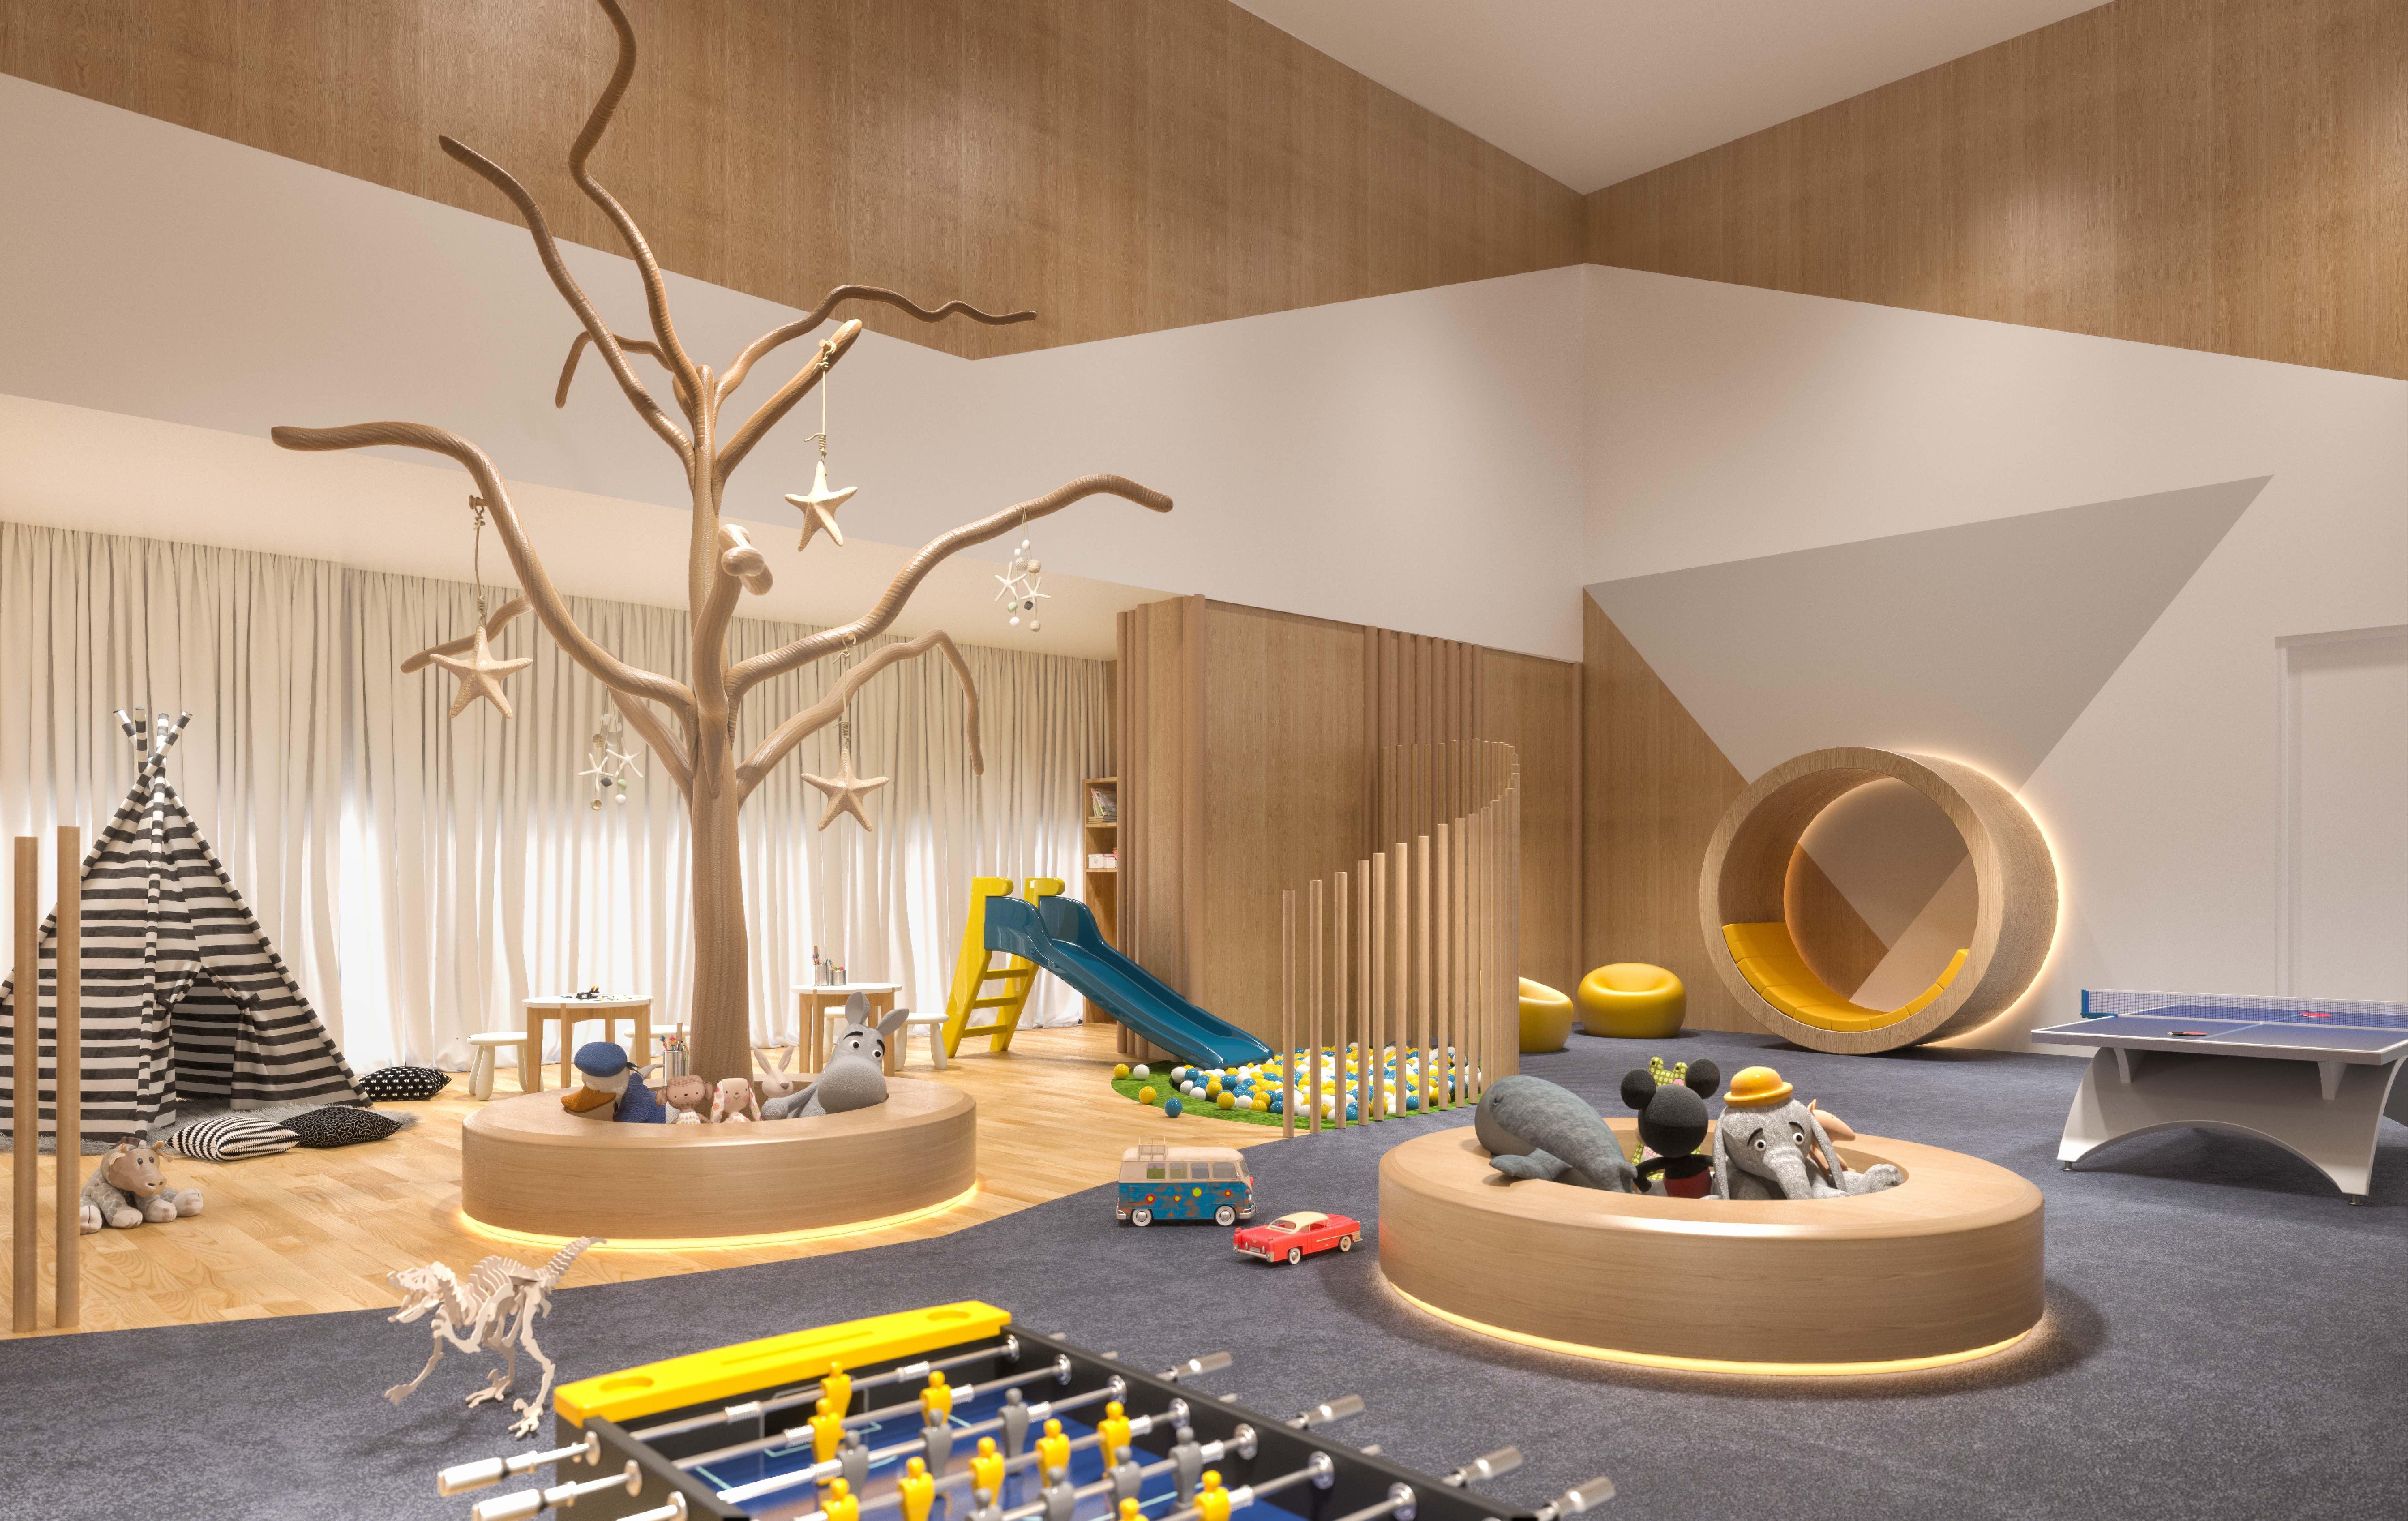 The Landmark kids play room